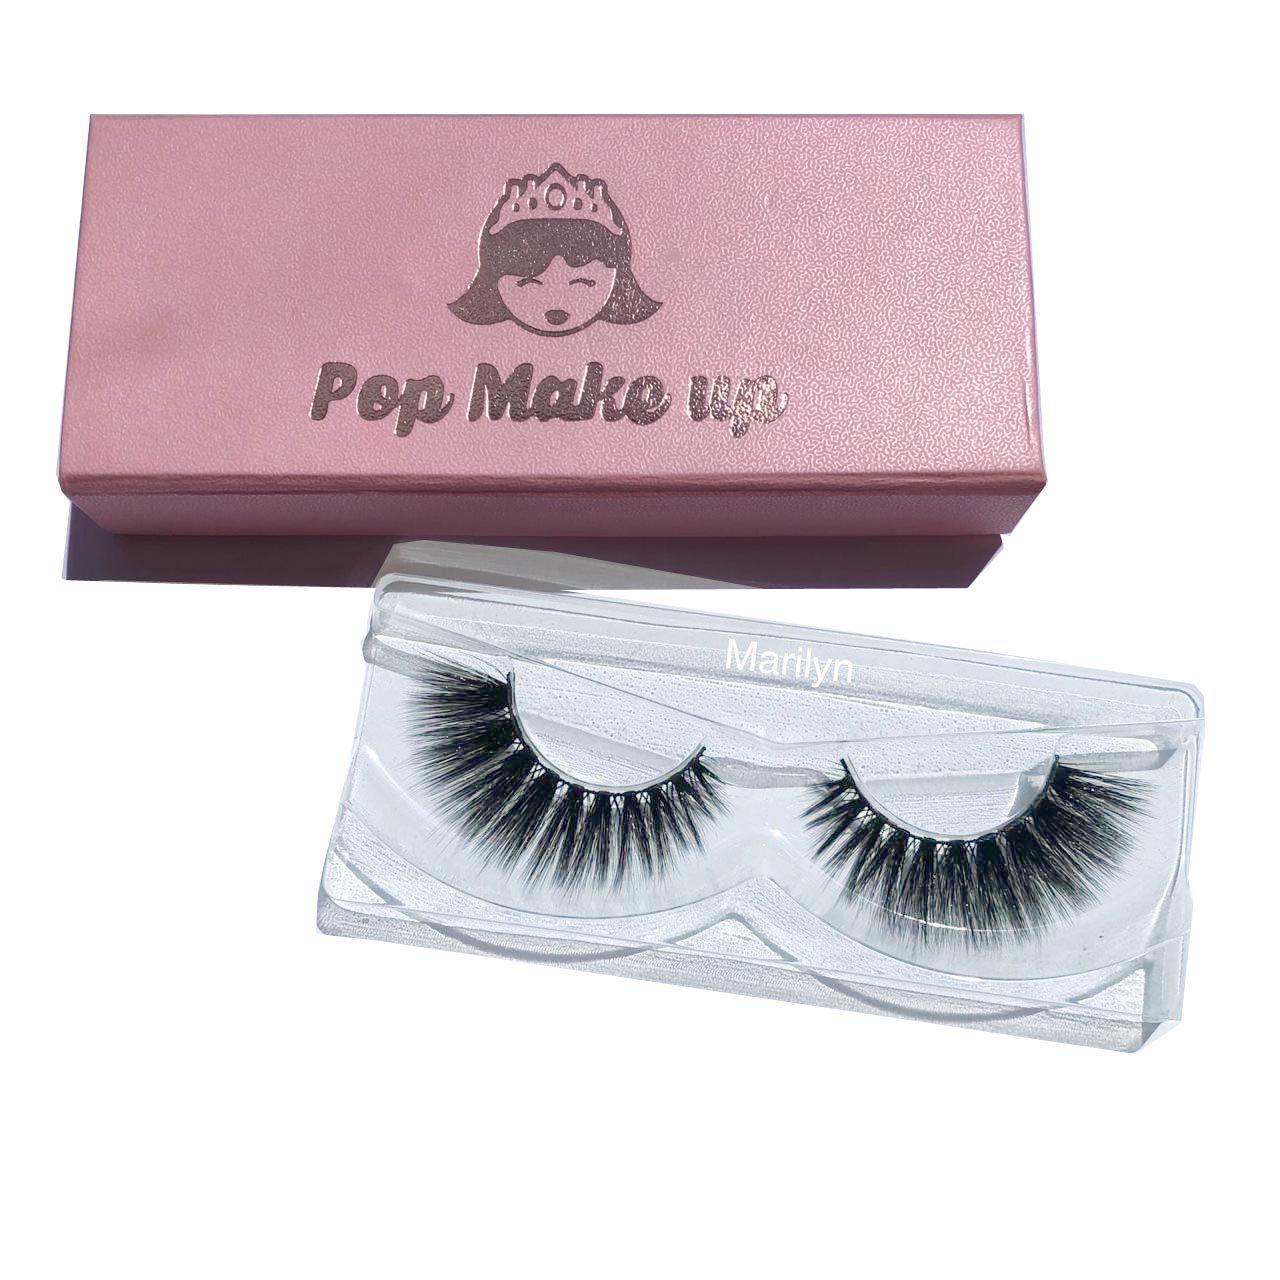 Luxury 3D Eyelashes | Pop Make Up